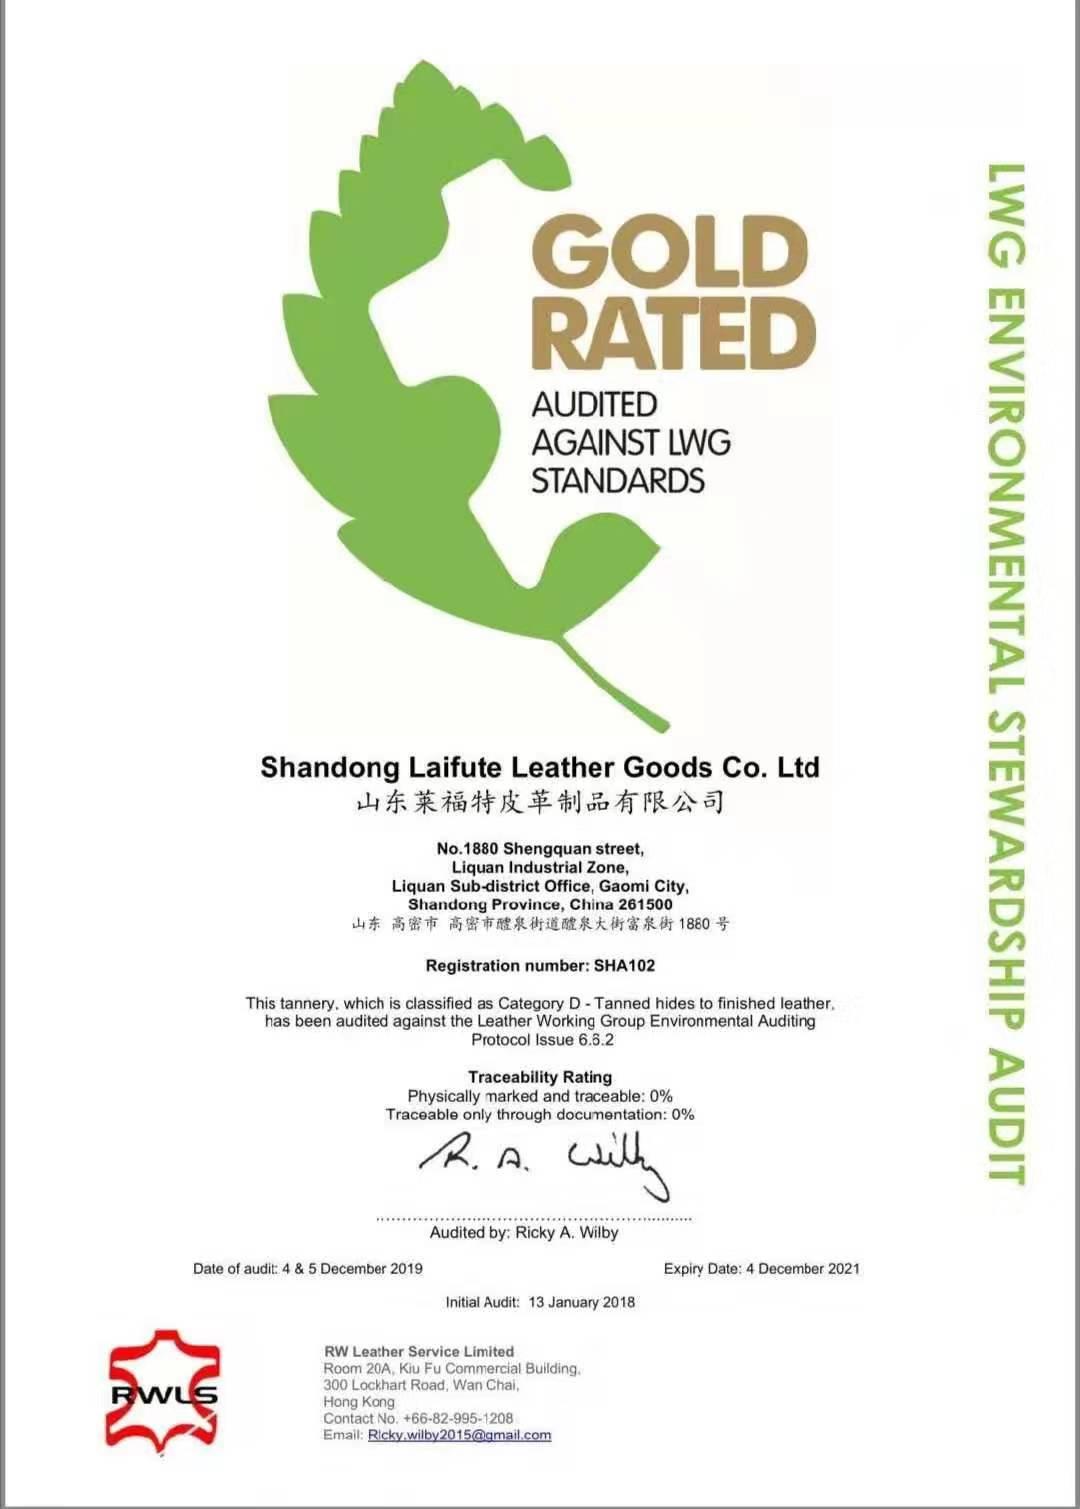 2020年1月第二次通过LWG国际金牌认证。